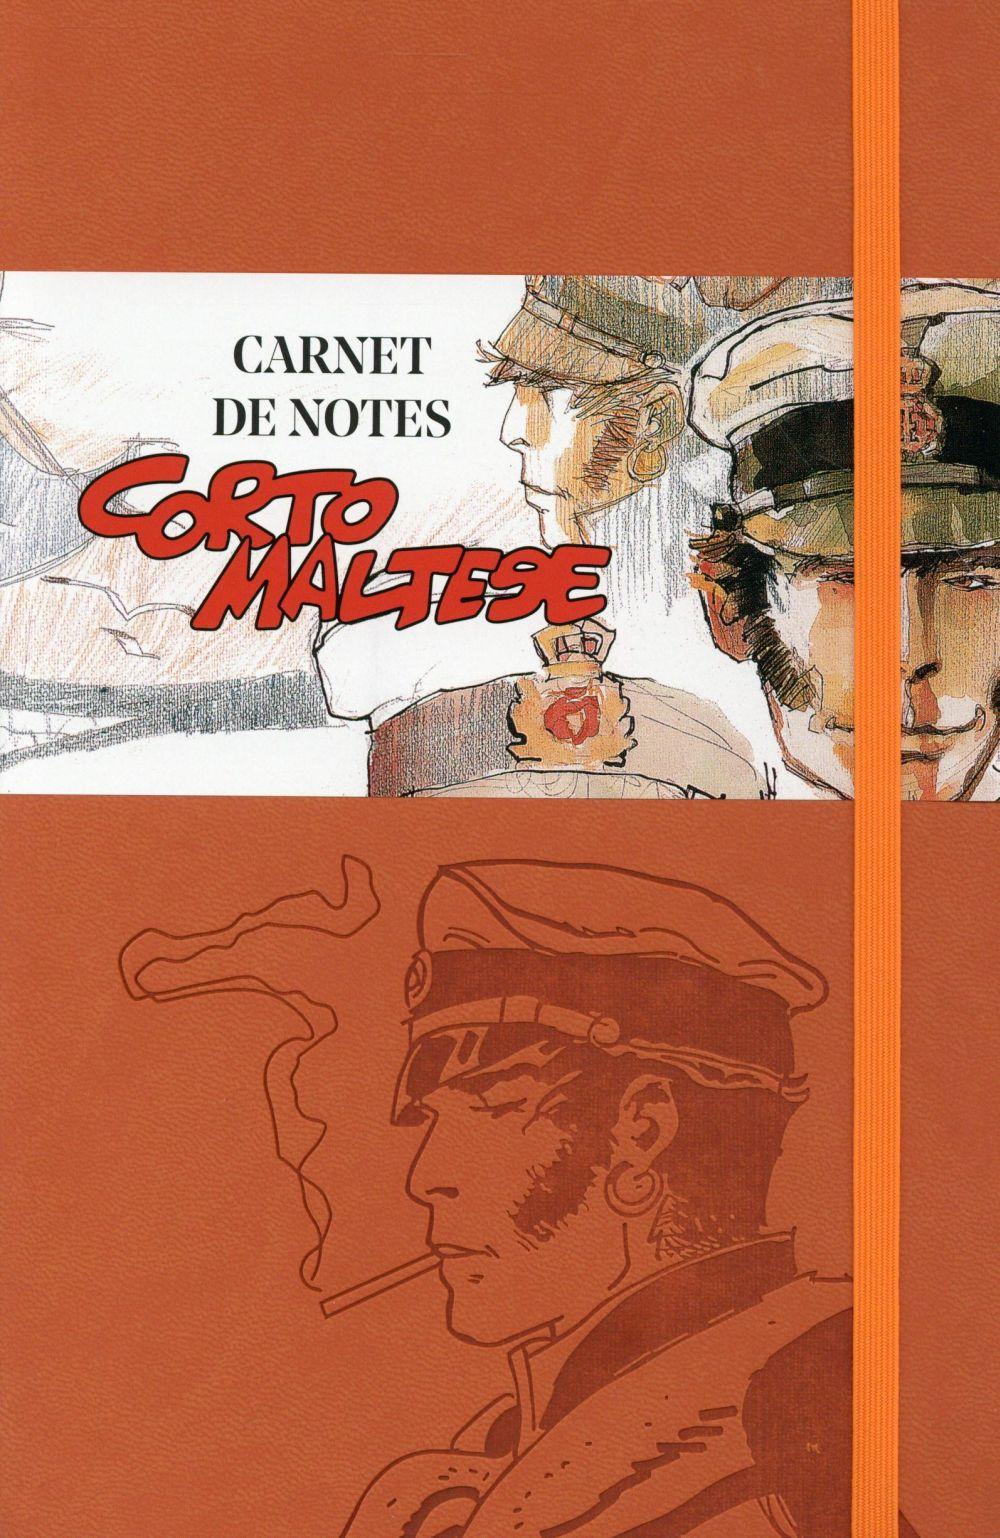 CARNET DE NOTES CORTO MALTESE